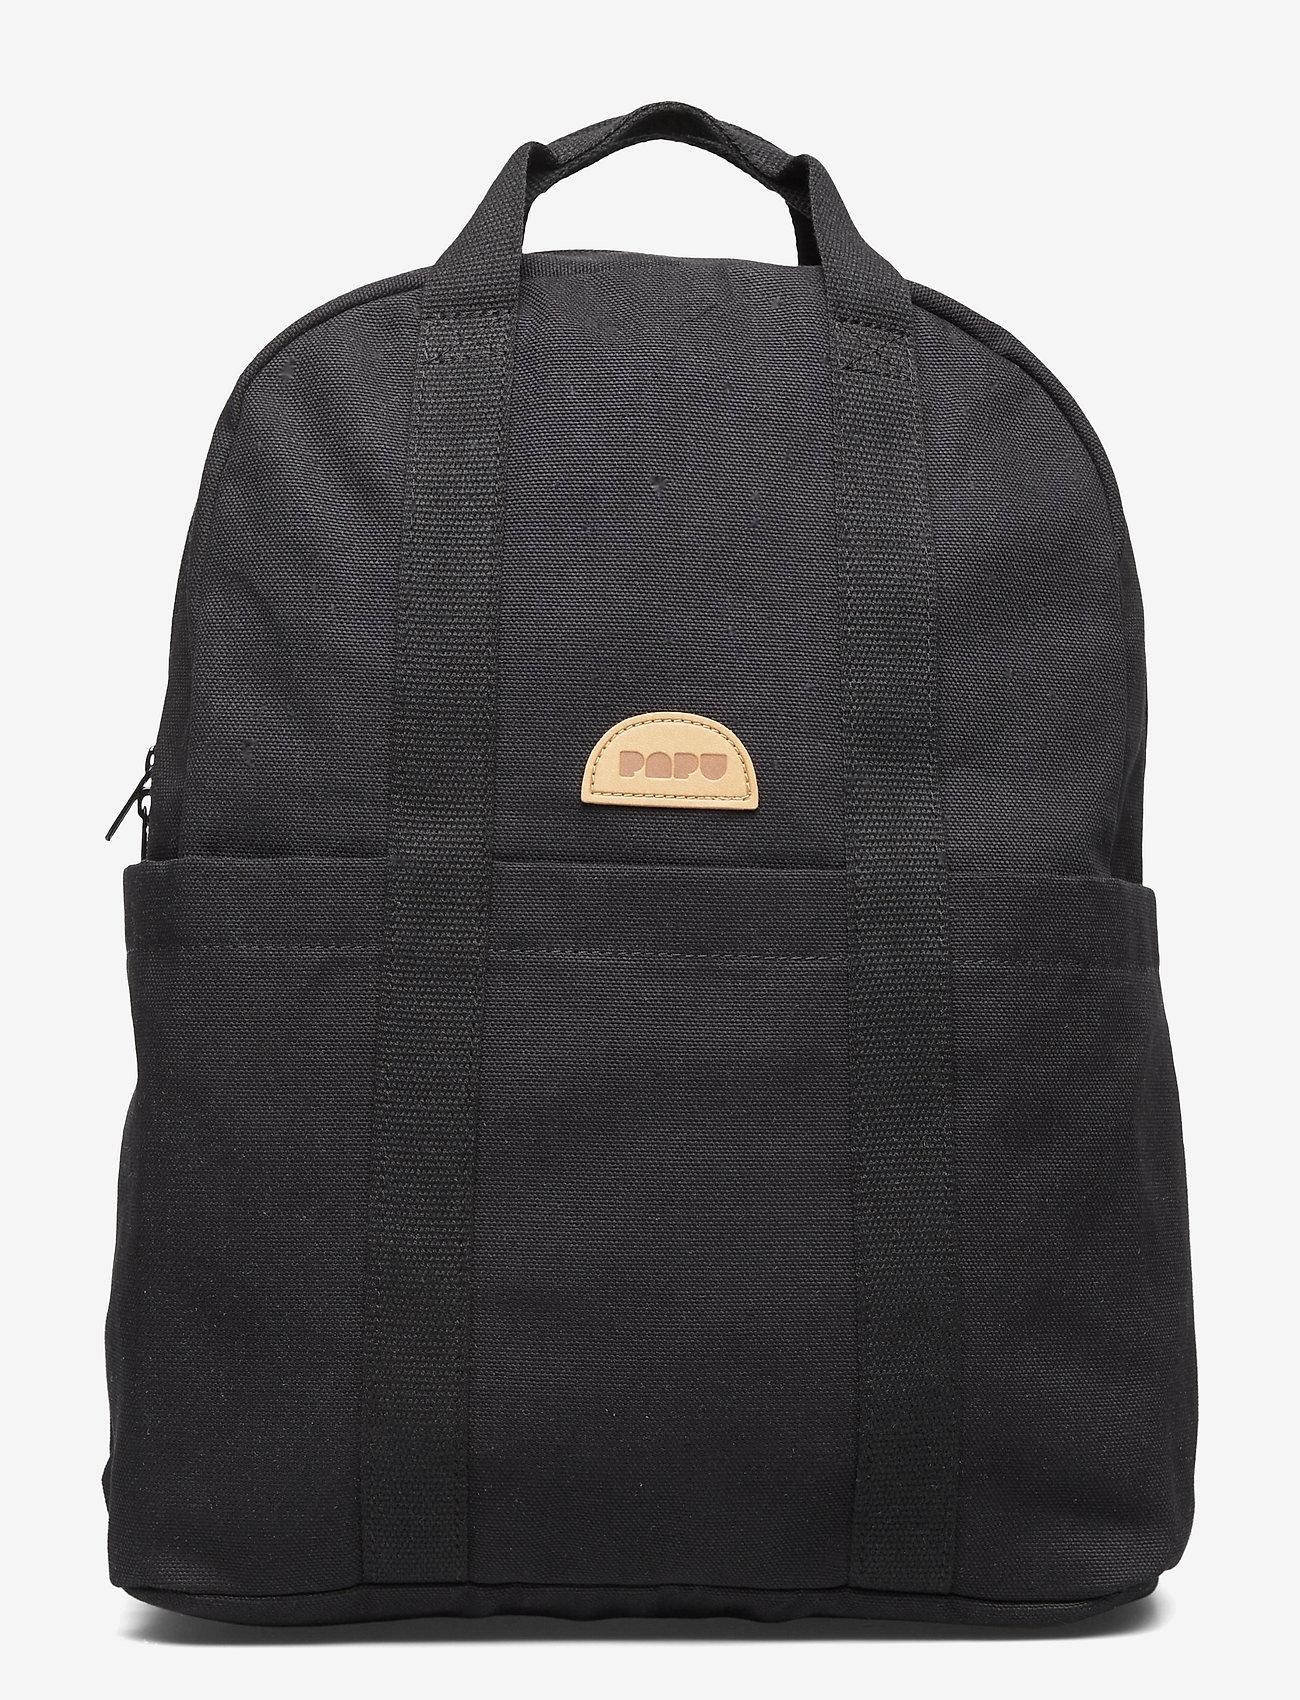 Papu - Backpack - bags - black - 0